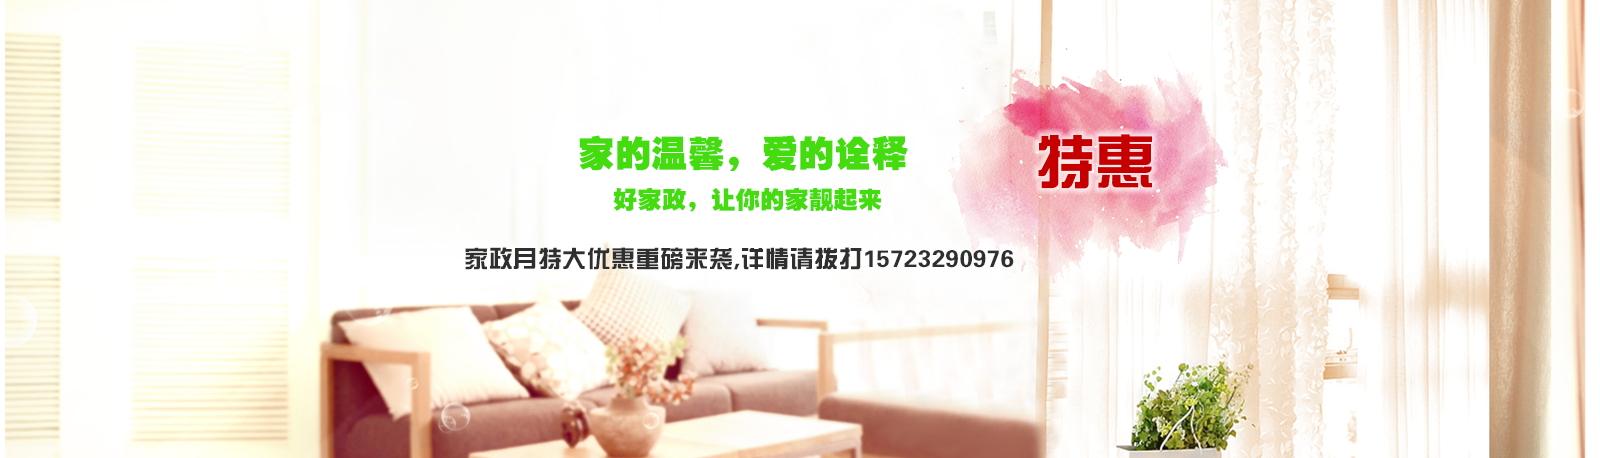 重慶家政服務